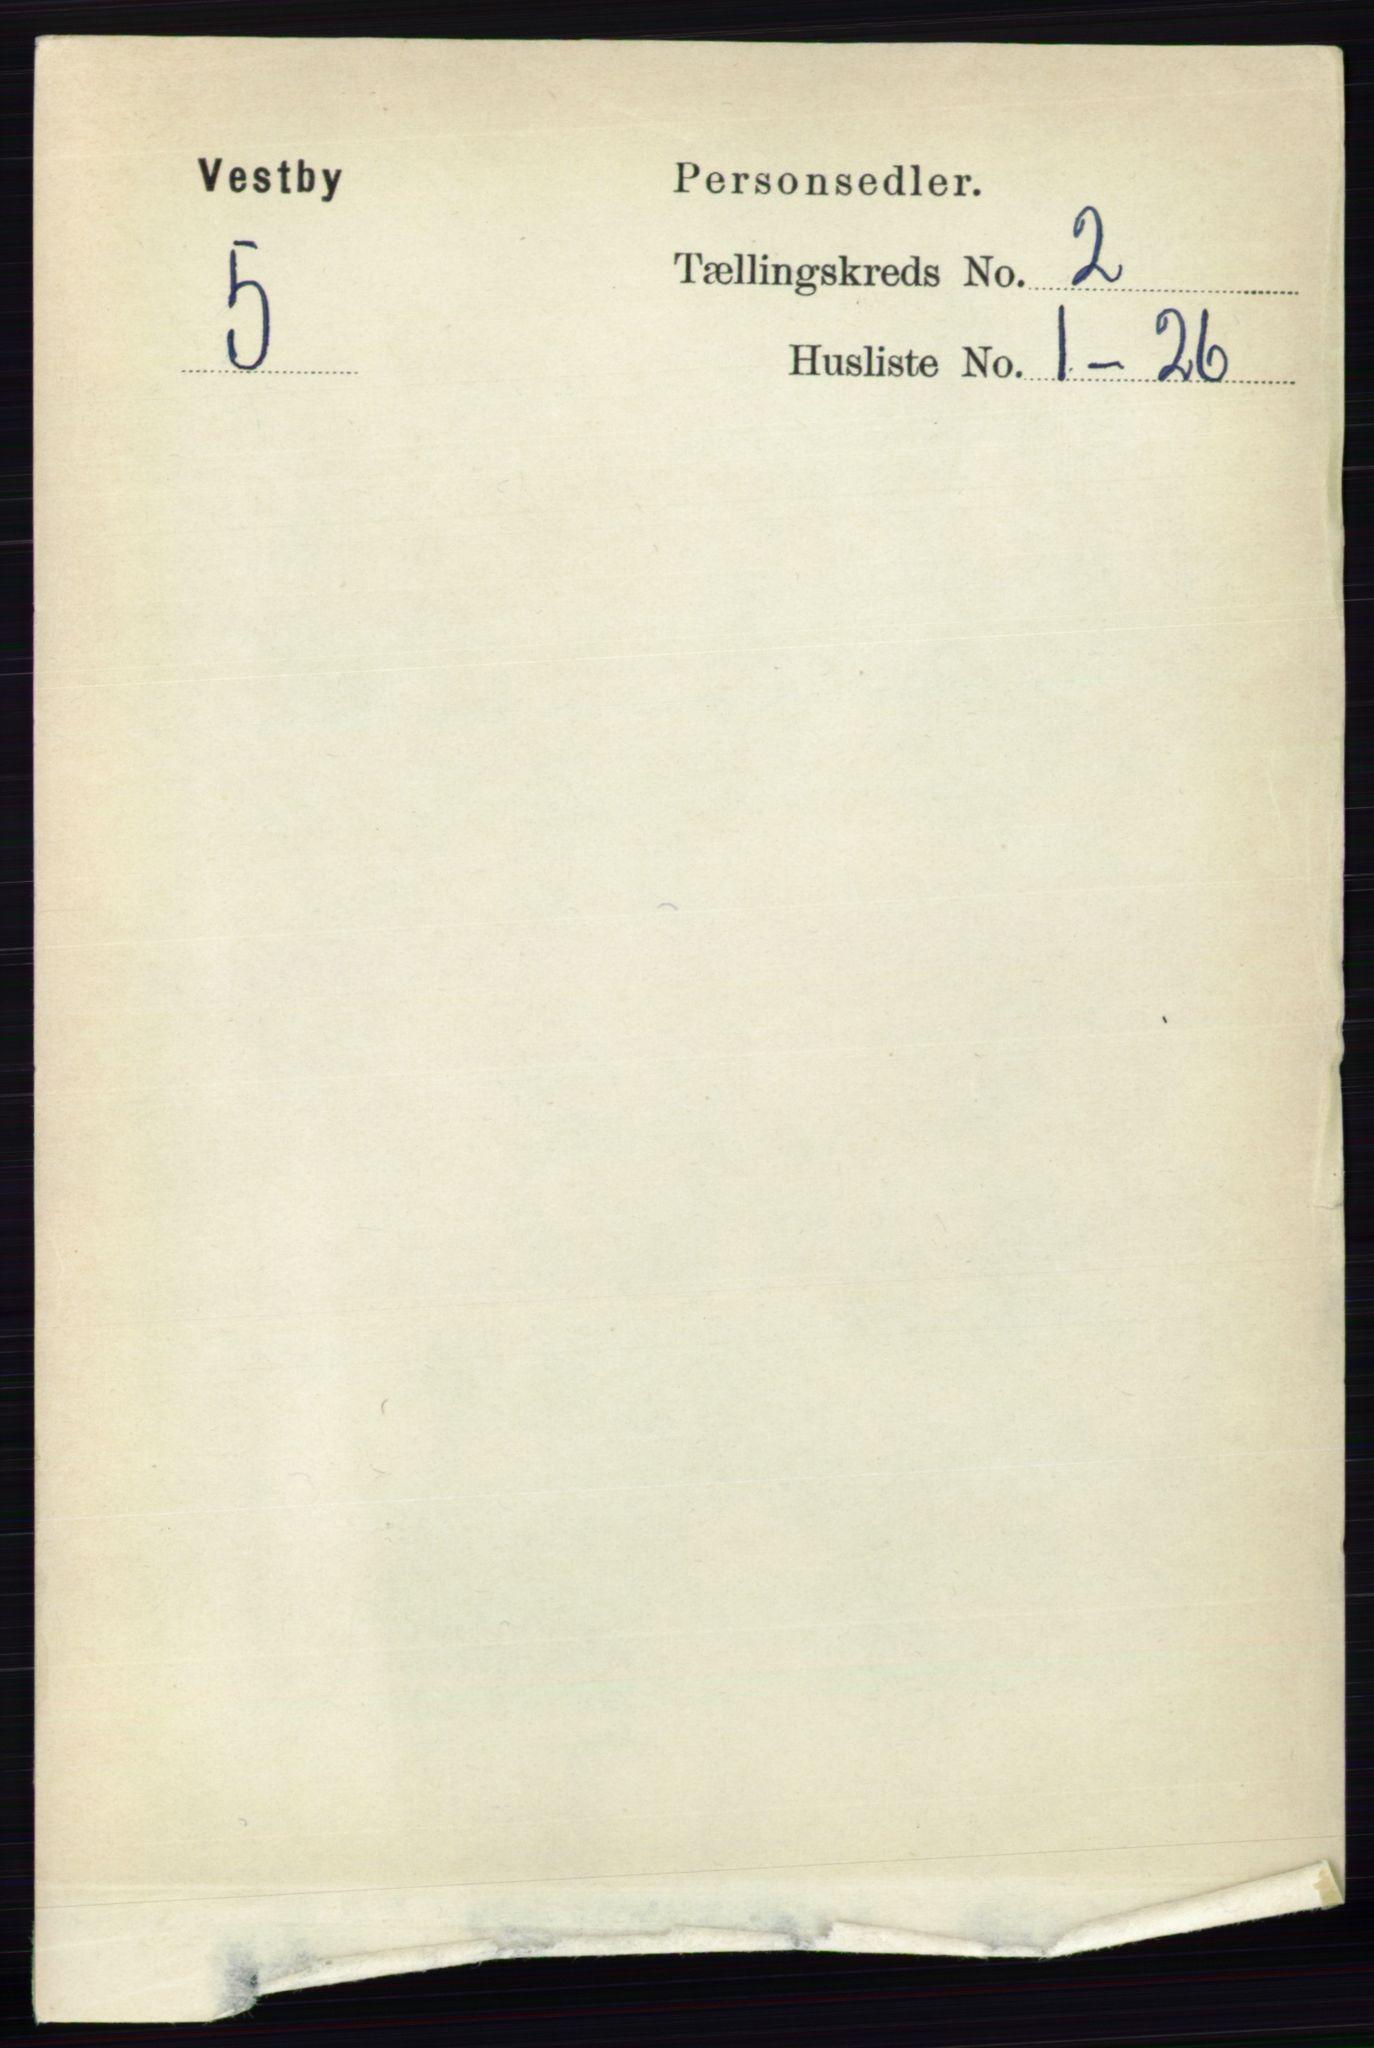 RA, Folketelling 1891 for 0211 Vestby herred, 1891, s. 433